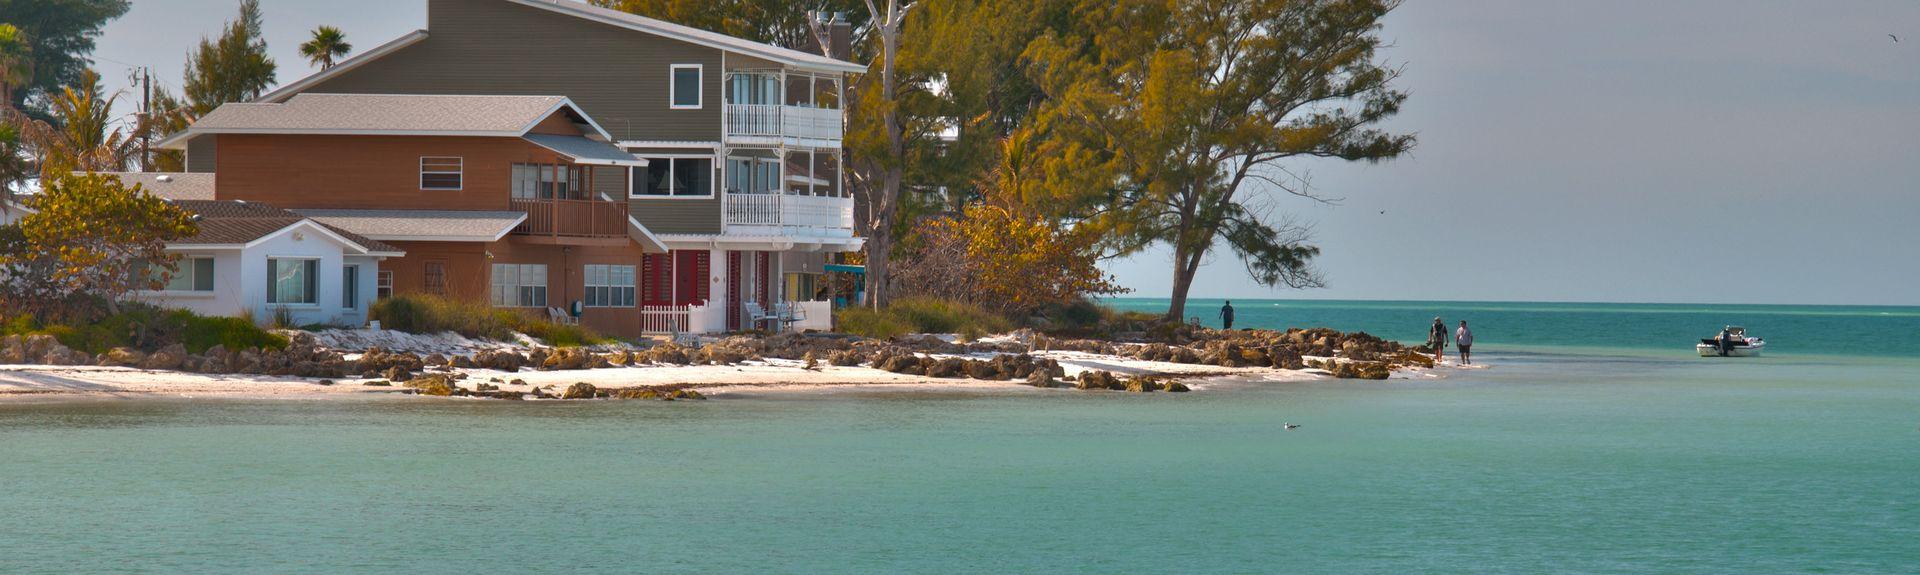 Holmes Beach, Floride, États-Unis d'Amérique